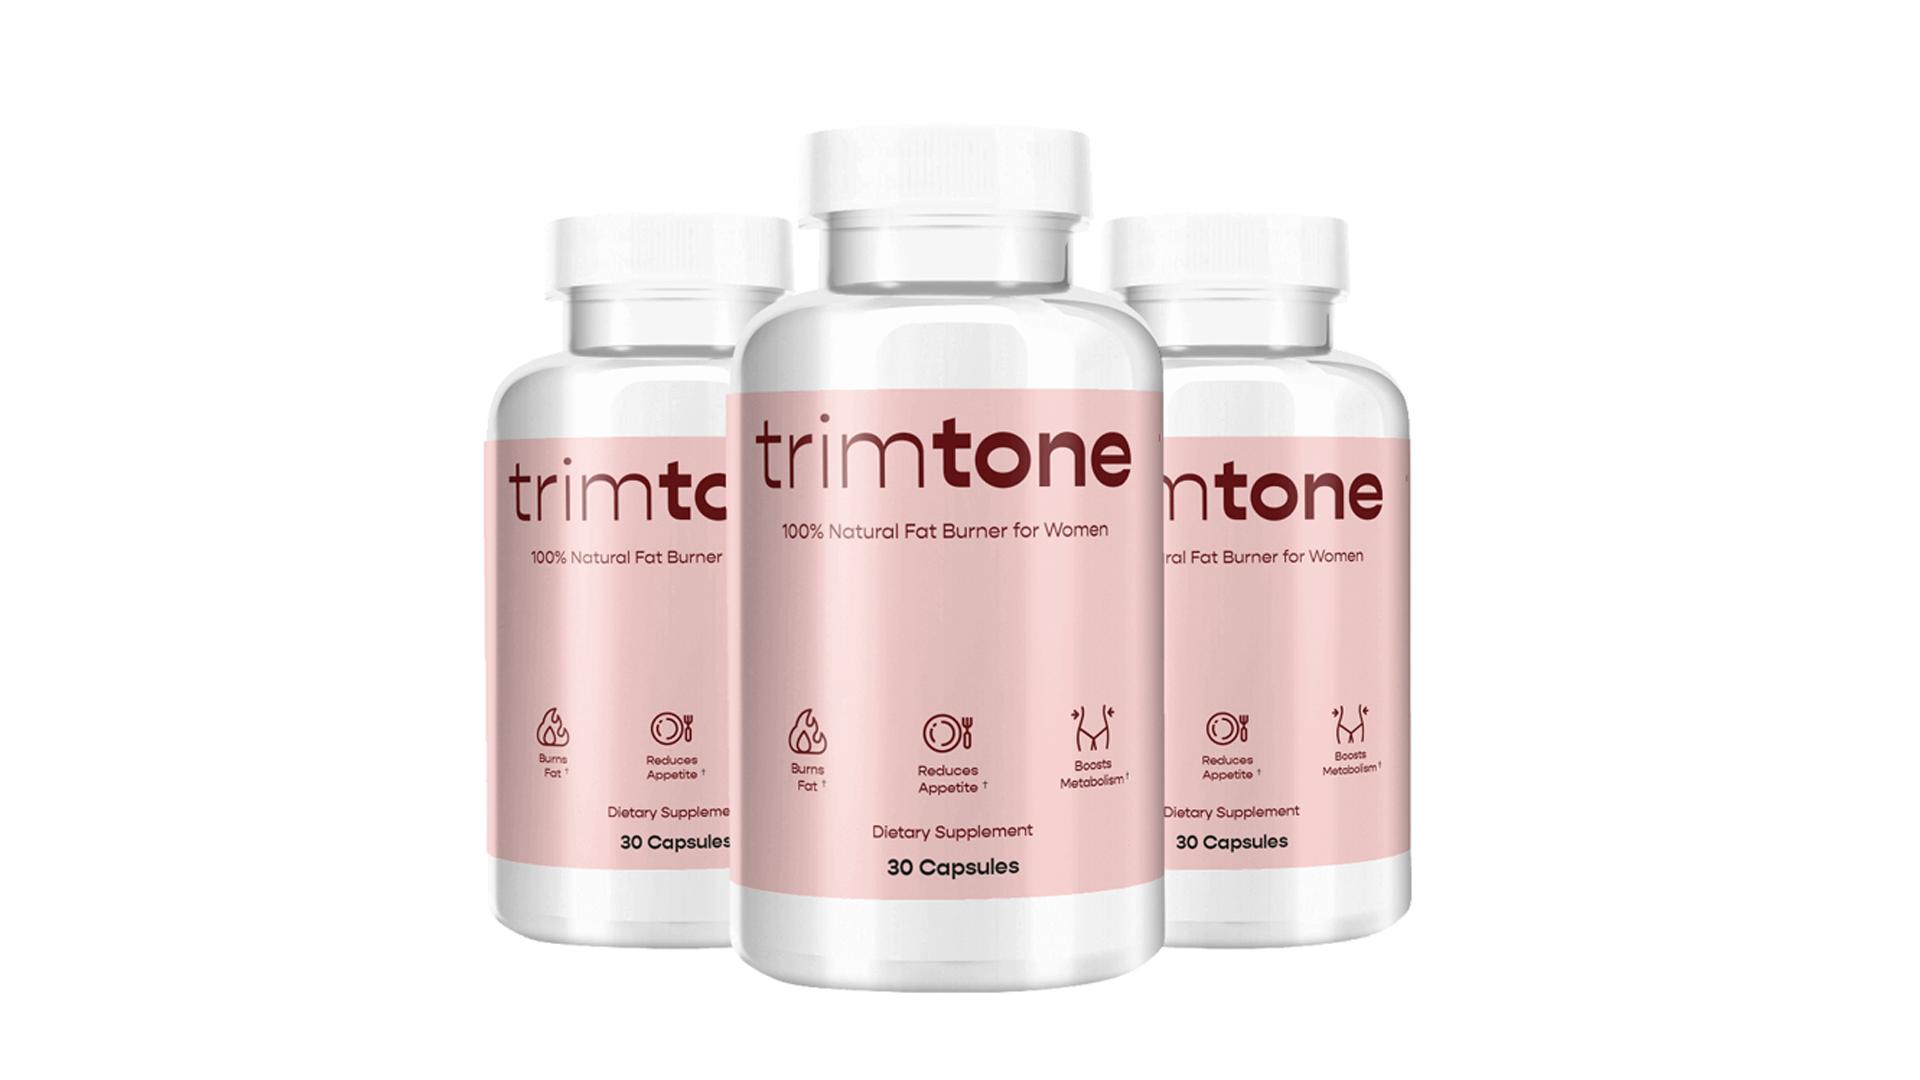 TrimTonethermogenic fat burner